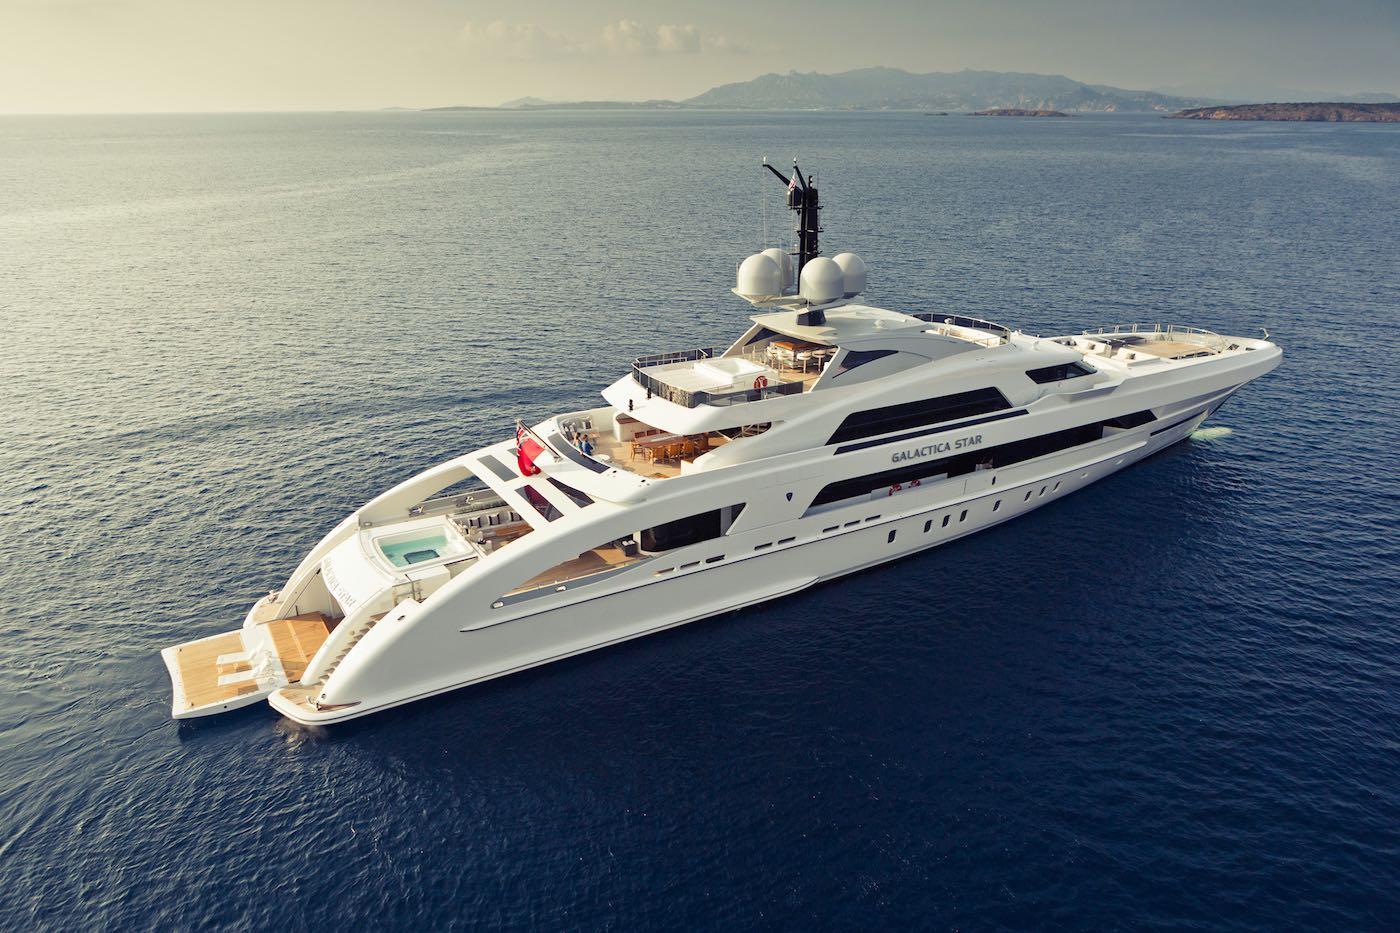 Galactica Star: Súper yate de 65 metros por Heesen Yachts